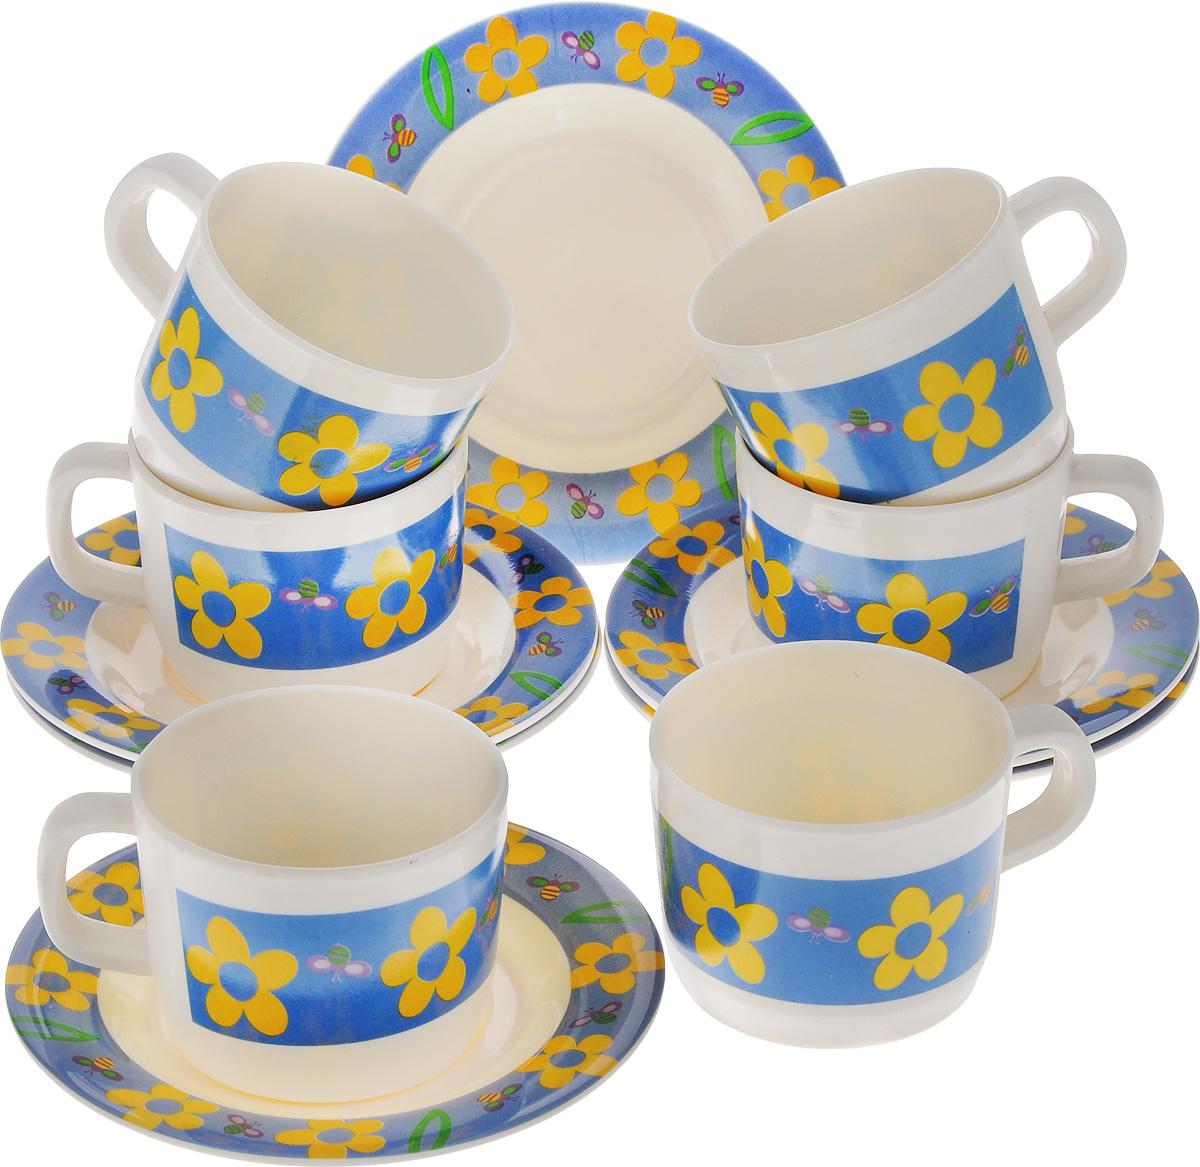 Набор чайный Calve, 12 предметовCL-2509Чайный набор Calve состоит из шести чашек и шести блюдец, выполненных из высококачественного пластика. Изделия оформлены цветочным рисунком. Изящный набор эффектно украсит стол к чаепитию и порадует вас функциональностью и ярким дизайном. Можно мыть в посудомоечной машине.Диаметр блюдца: 14,5 см. Объем чашки: 240 мл. Диаметр чашки (по верхнему краю): 8 см. Высота чашки: 6,5 см.